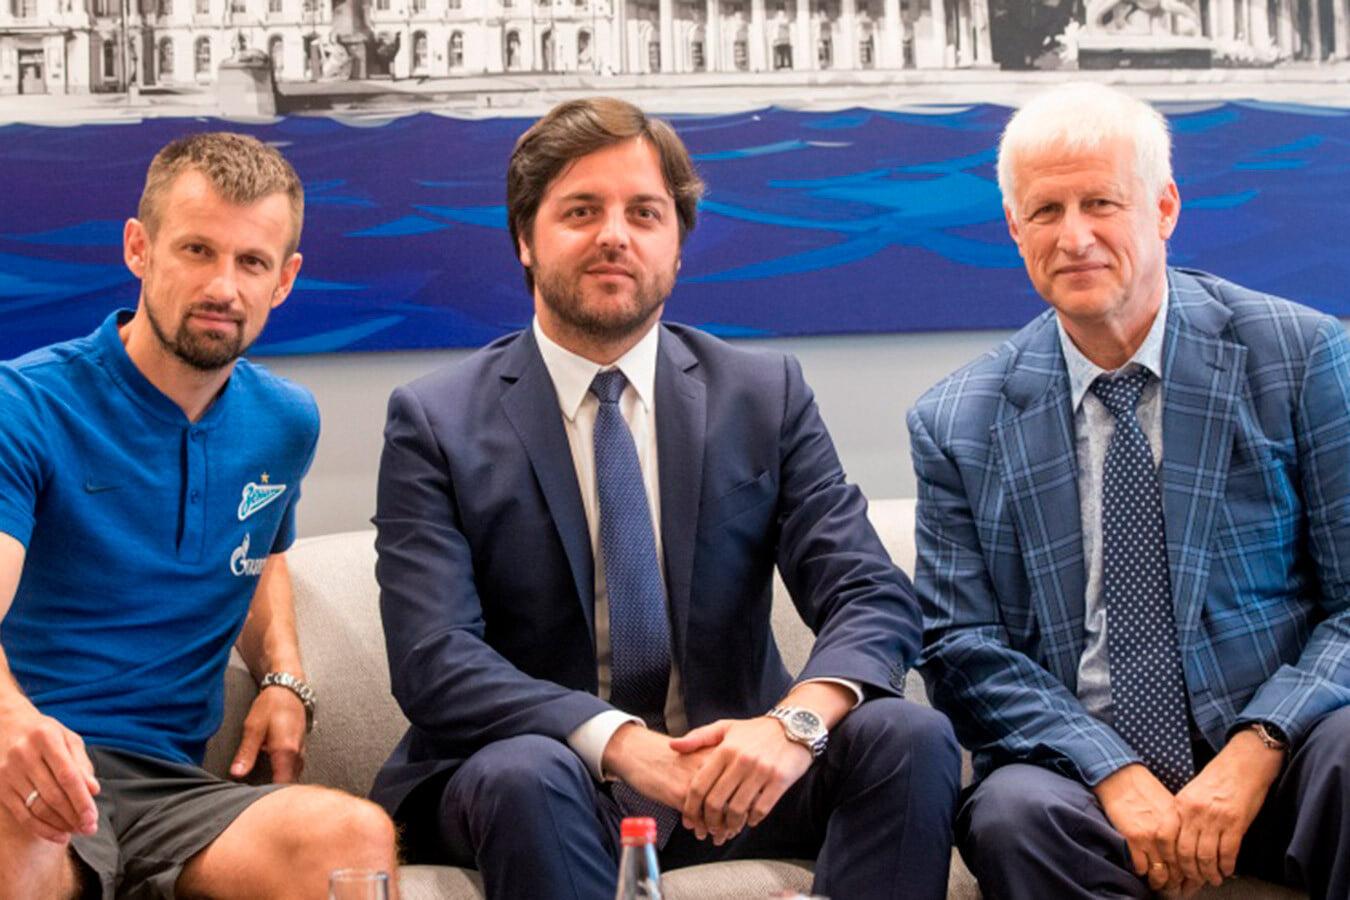 Аршавин у Нобеля: исключает приглашение Газизова, предлагает забыть о победе в еврокубках на 50 лет и считает, что «Зенит» в ЛЧ неинтересен УЕФА